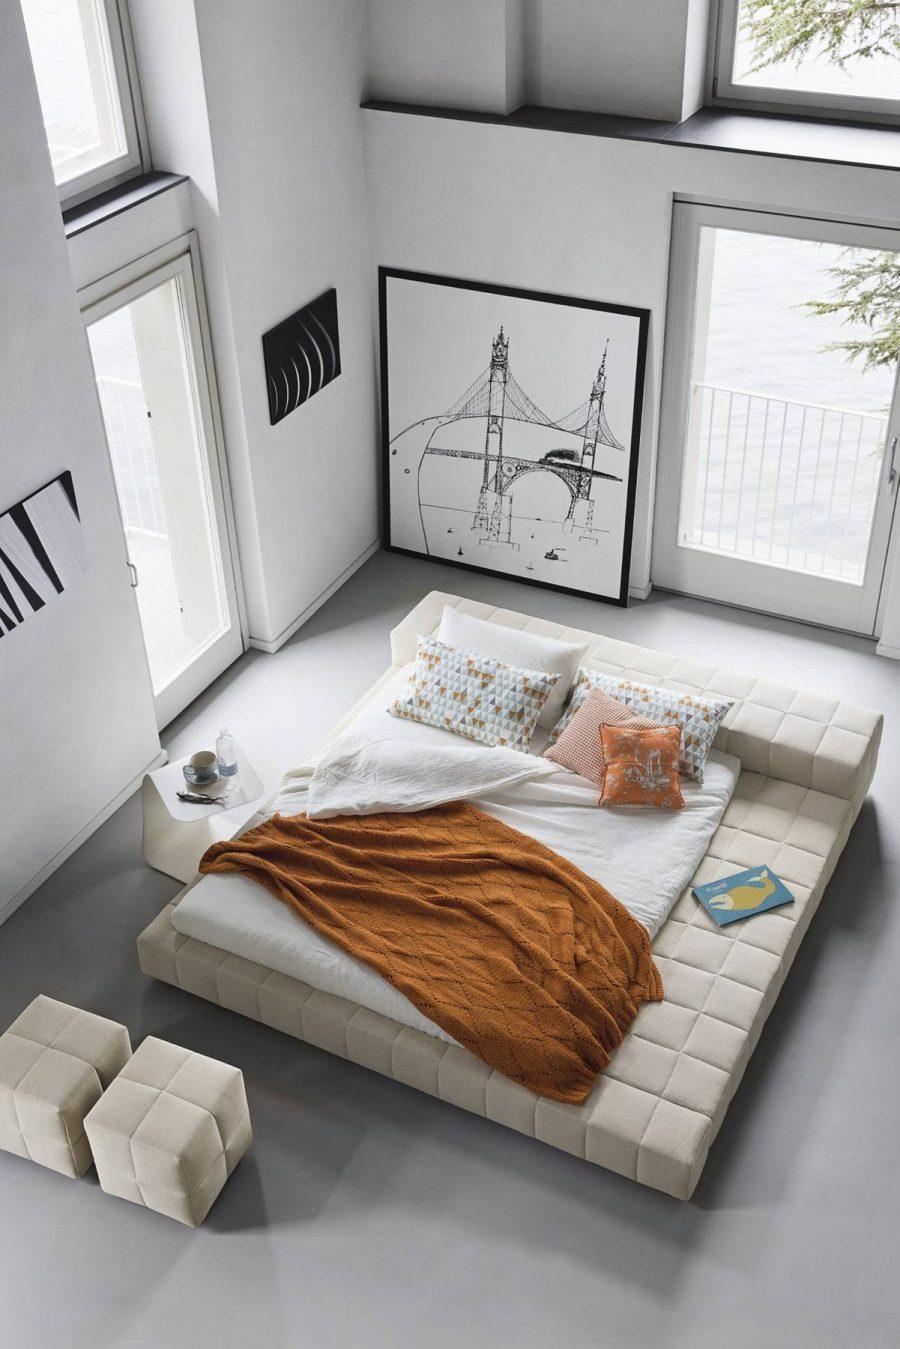 Chiếc giường thấp này có nền được bọc nệm để tạo tính thẩm mỹ nhẹ nhàng hơn